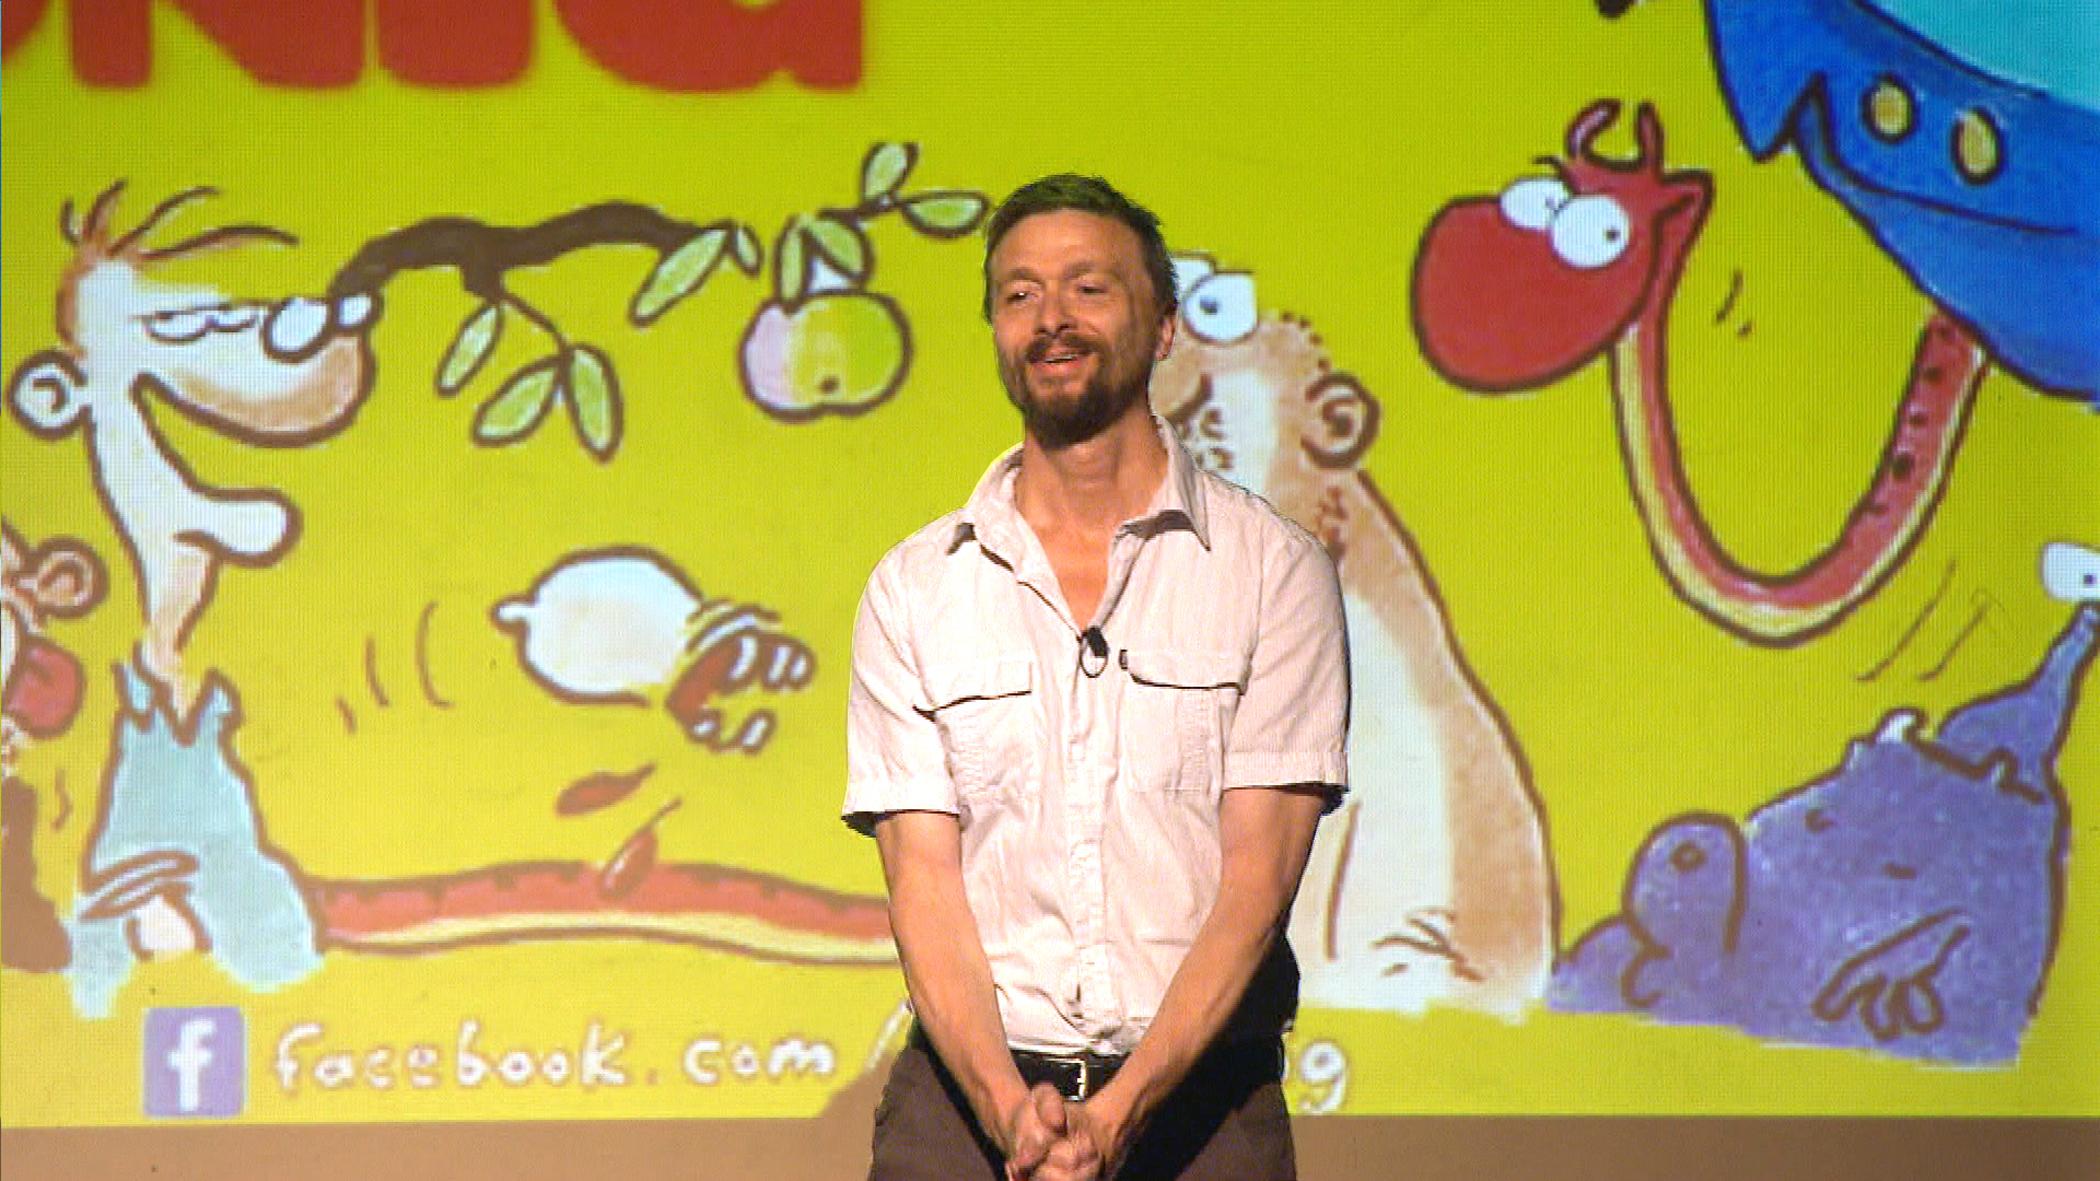 Fotograma de la película Ralf König, rey de los cómics